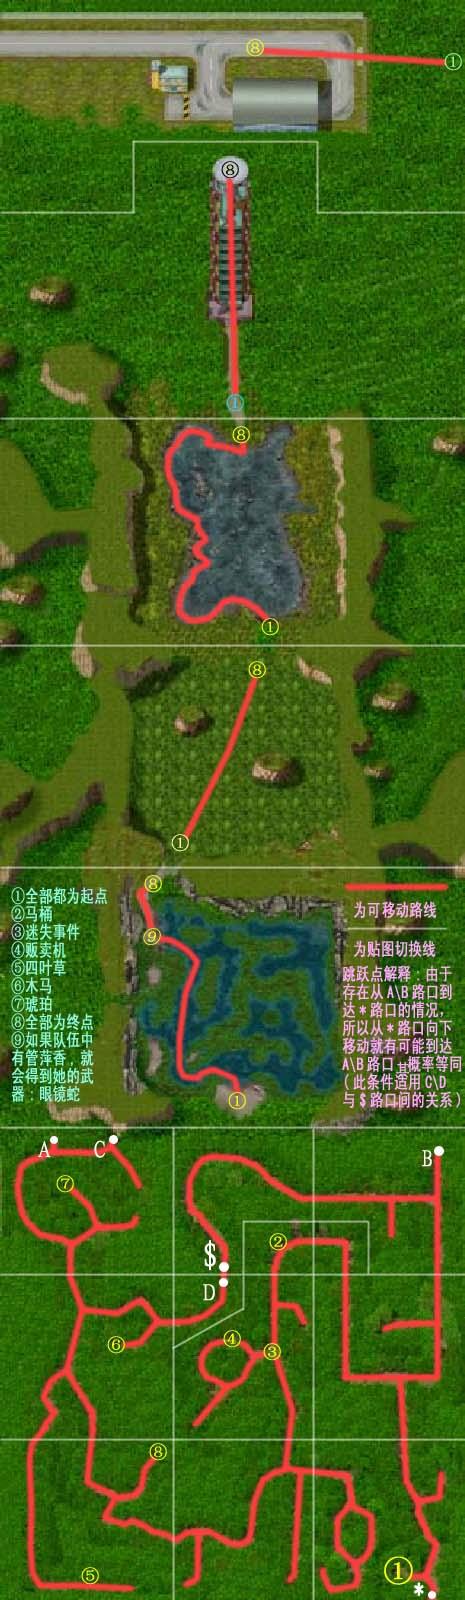 疾风少年队全地图之不再迷失的迷失森林图片